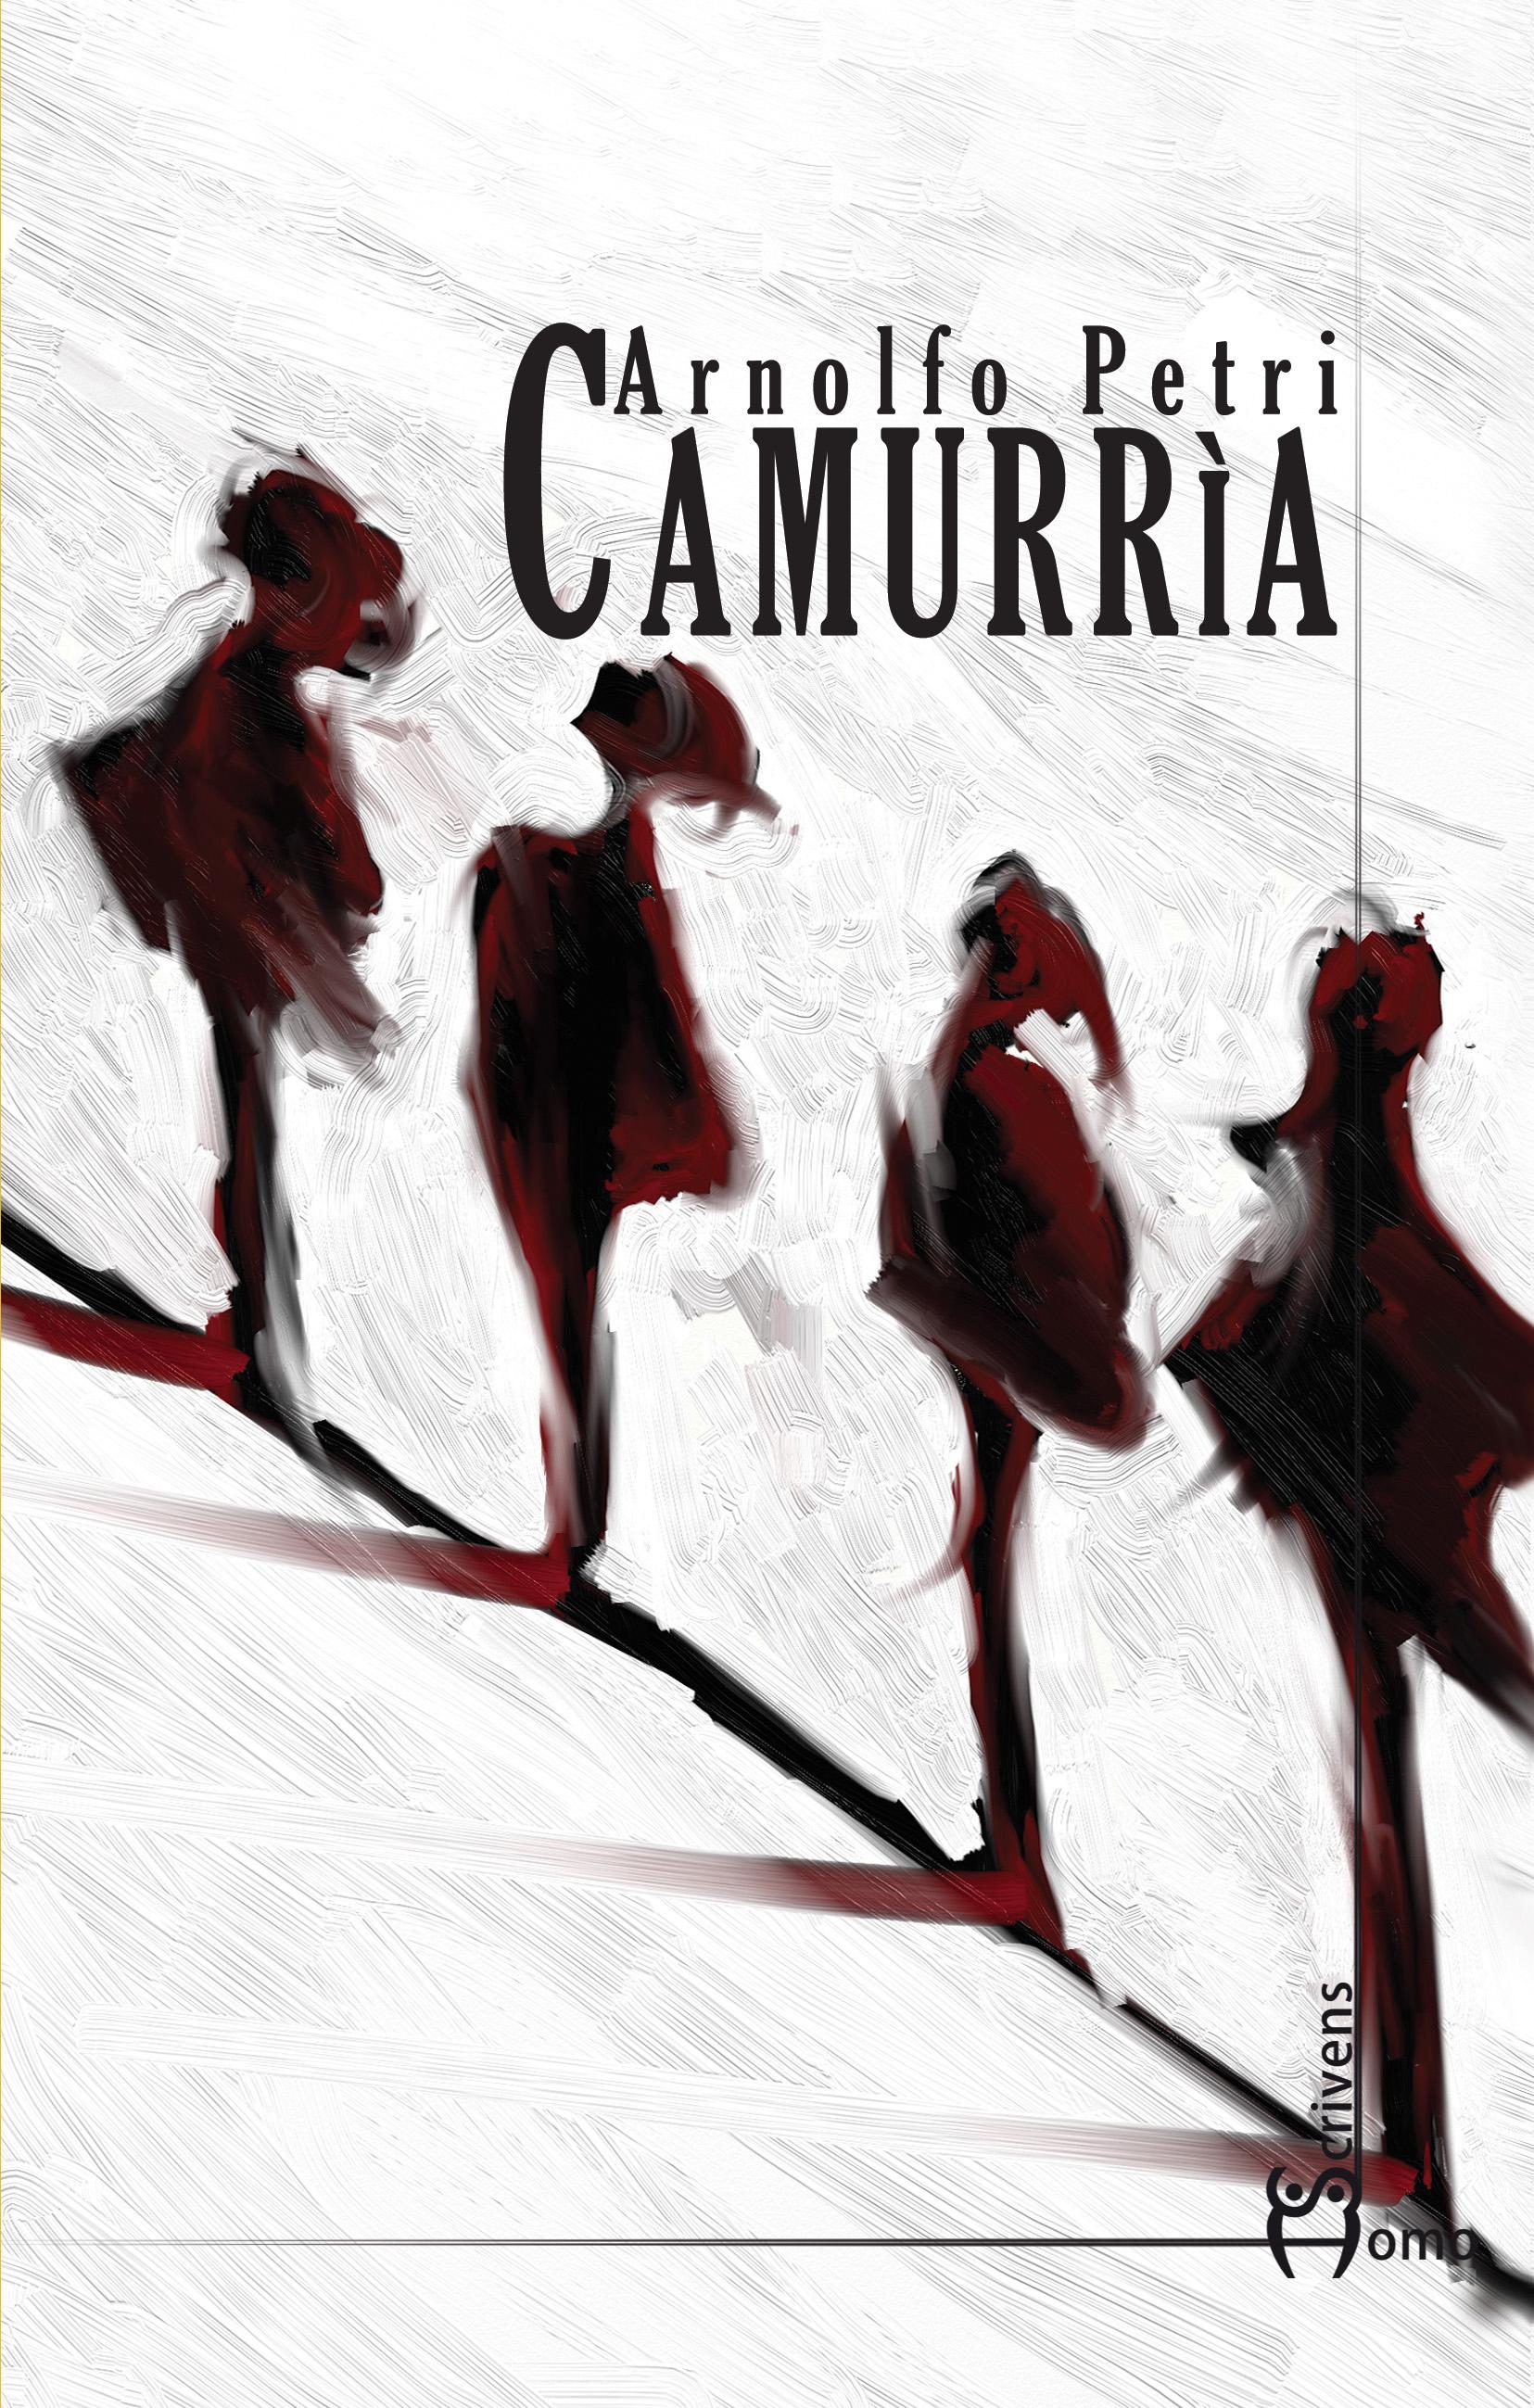 Camurrìa, giovedì la presentazione al Maschio Angioino